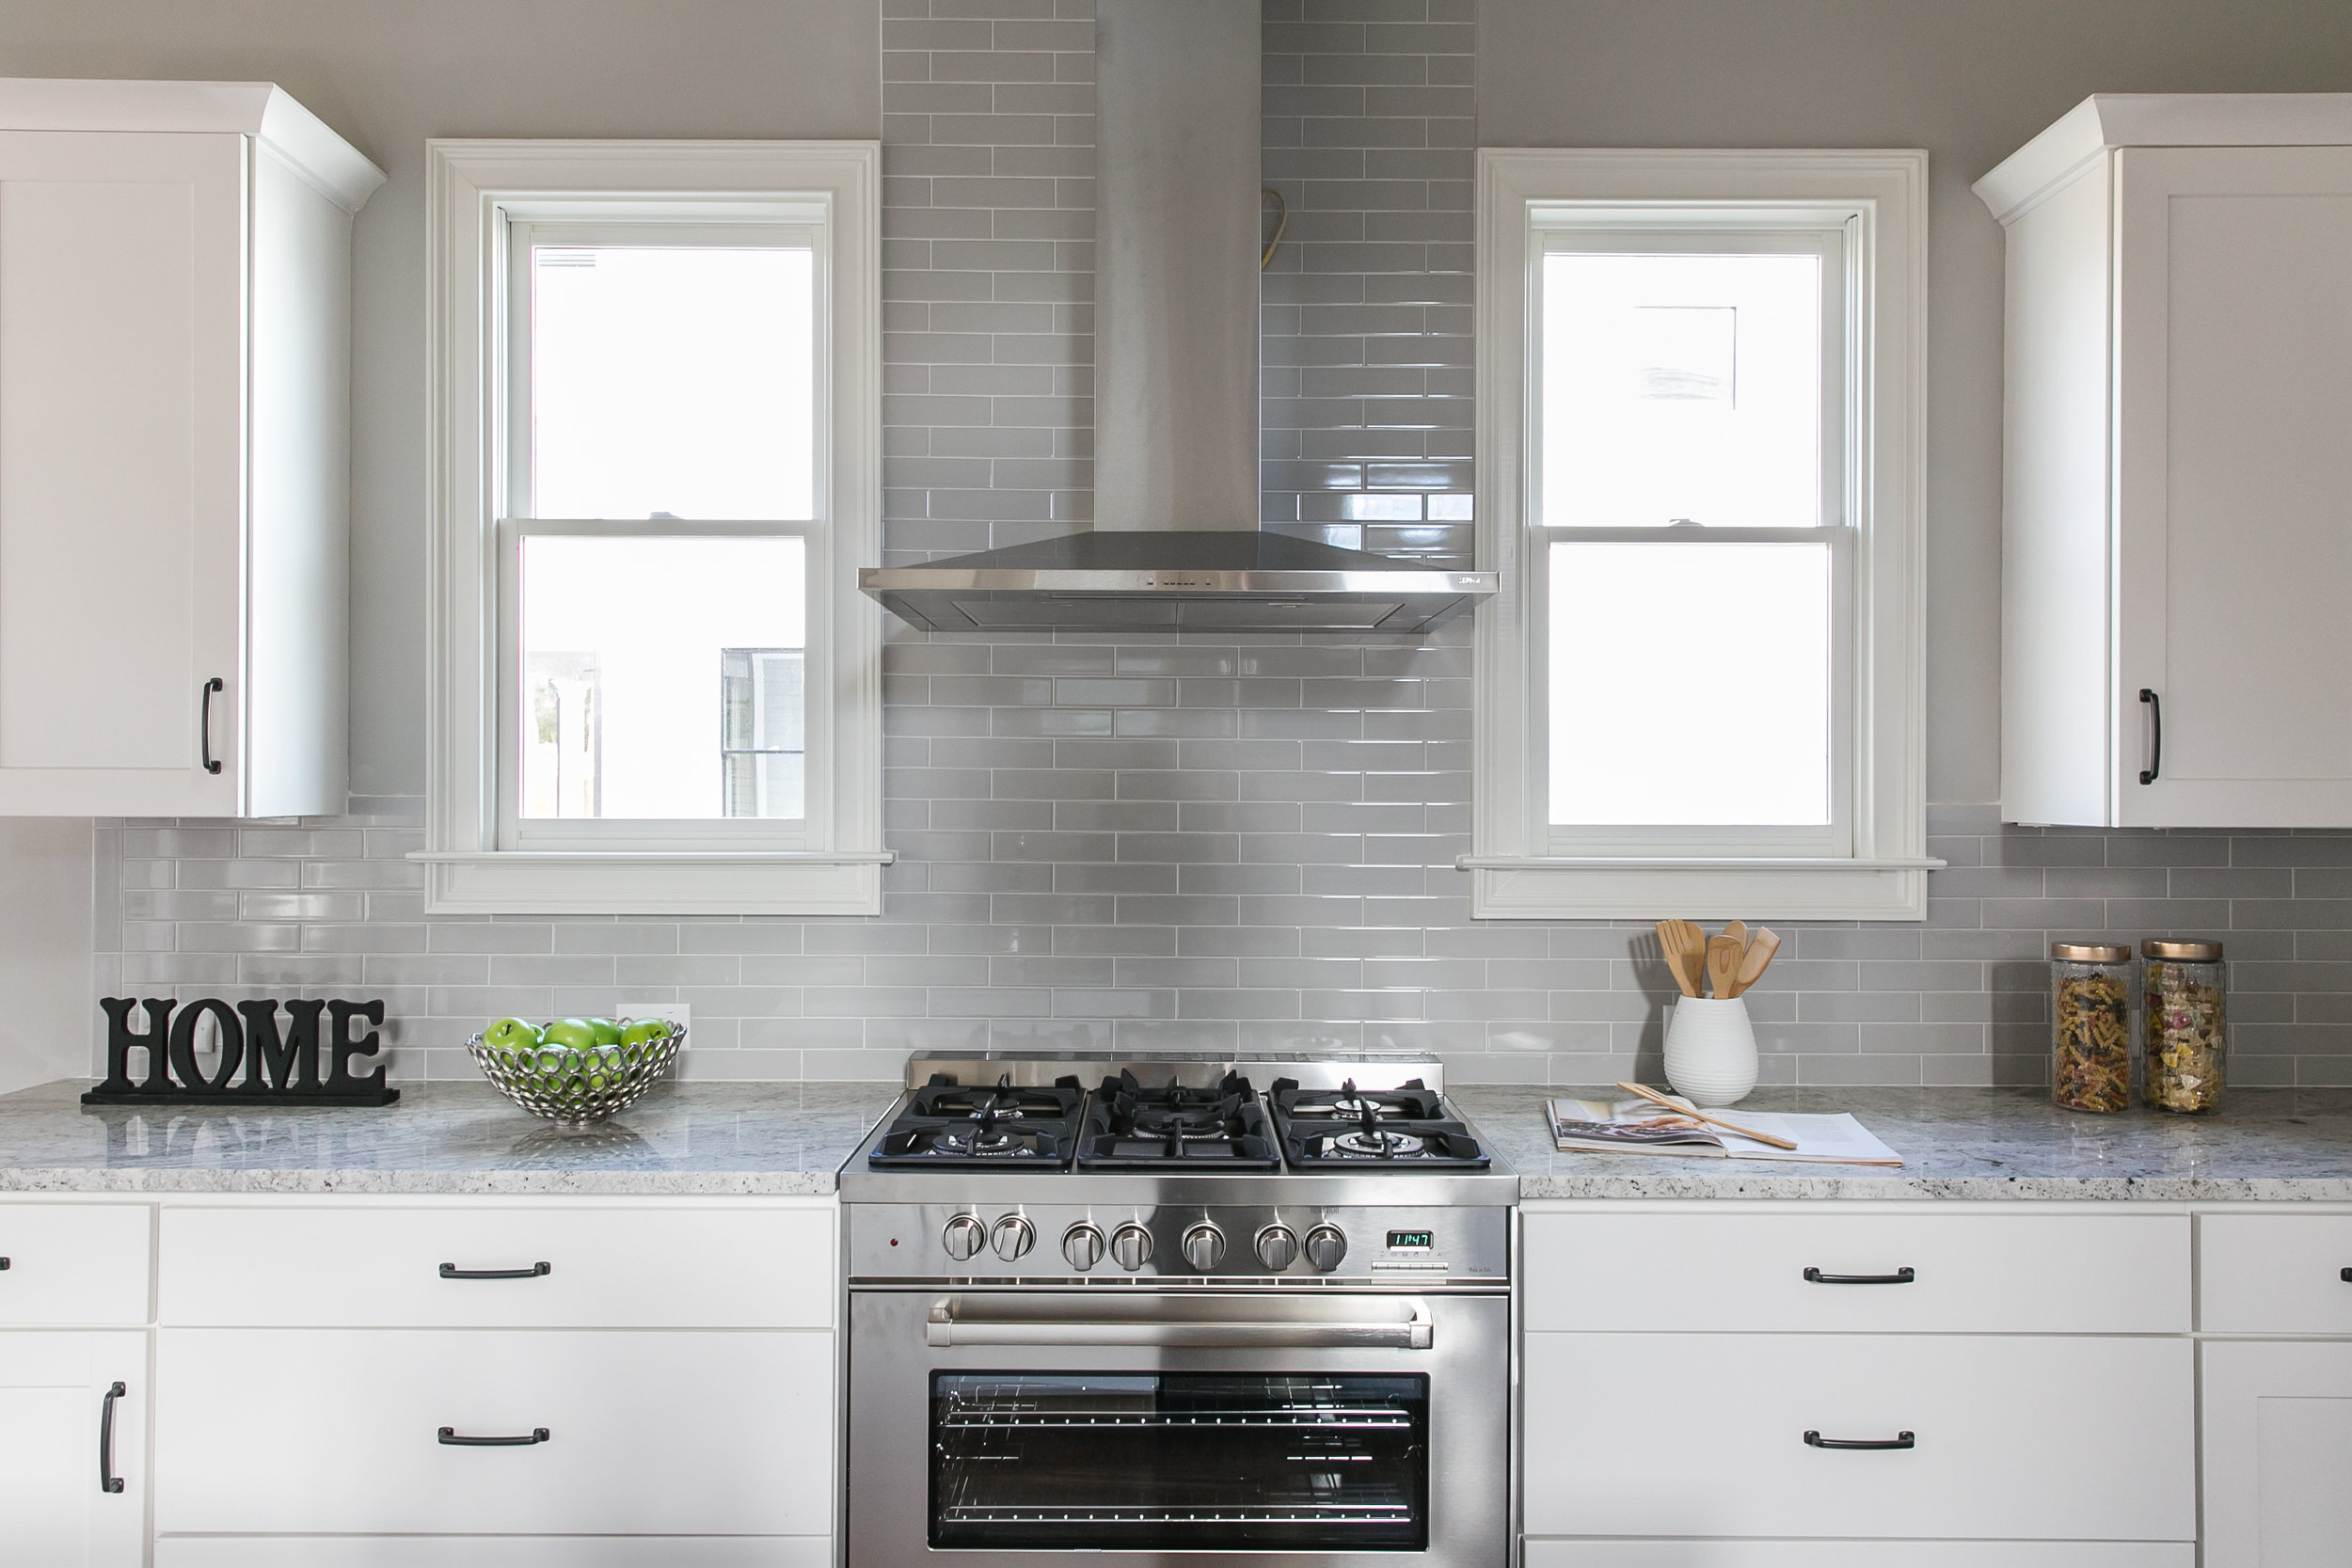 252 Rockyford-Kitchen Stove.jpg